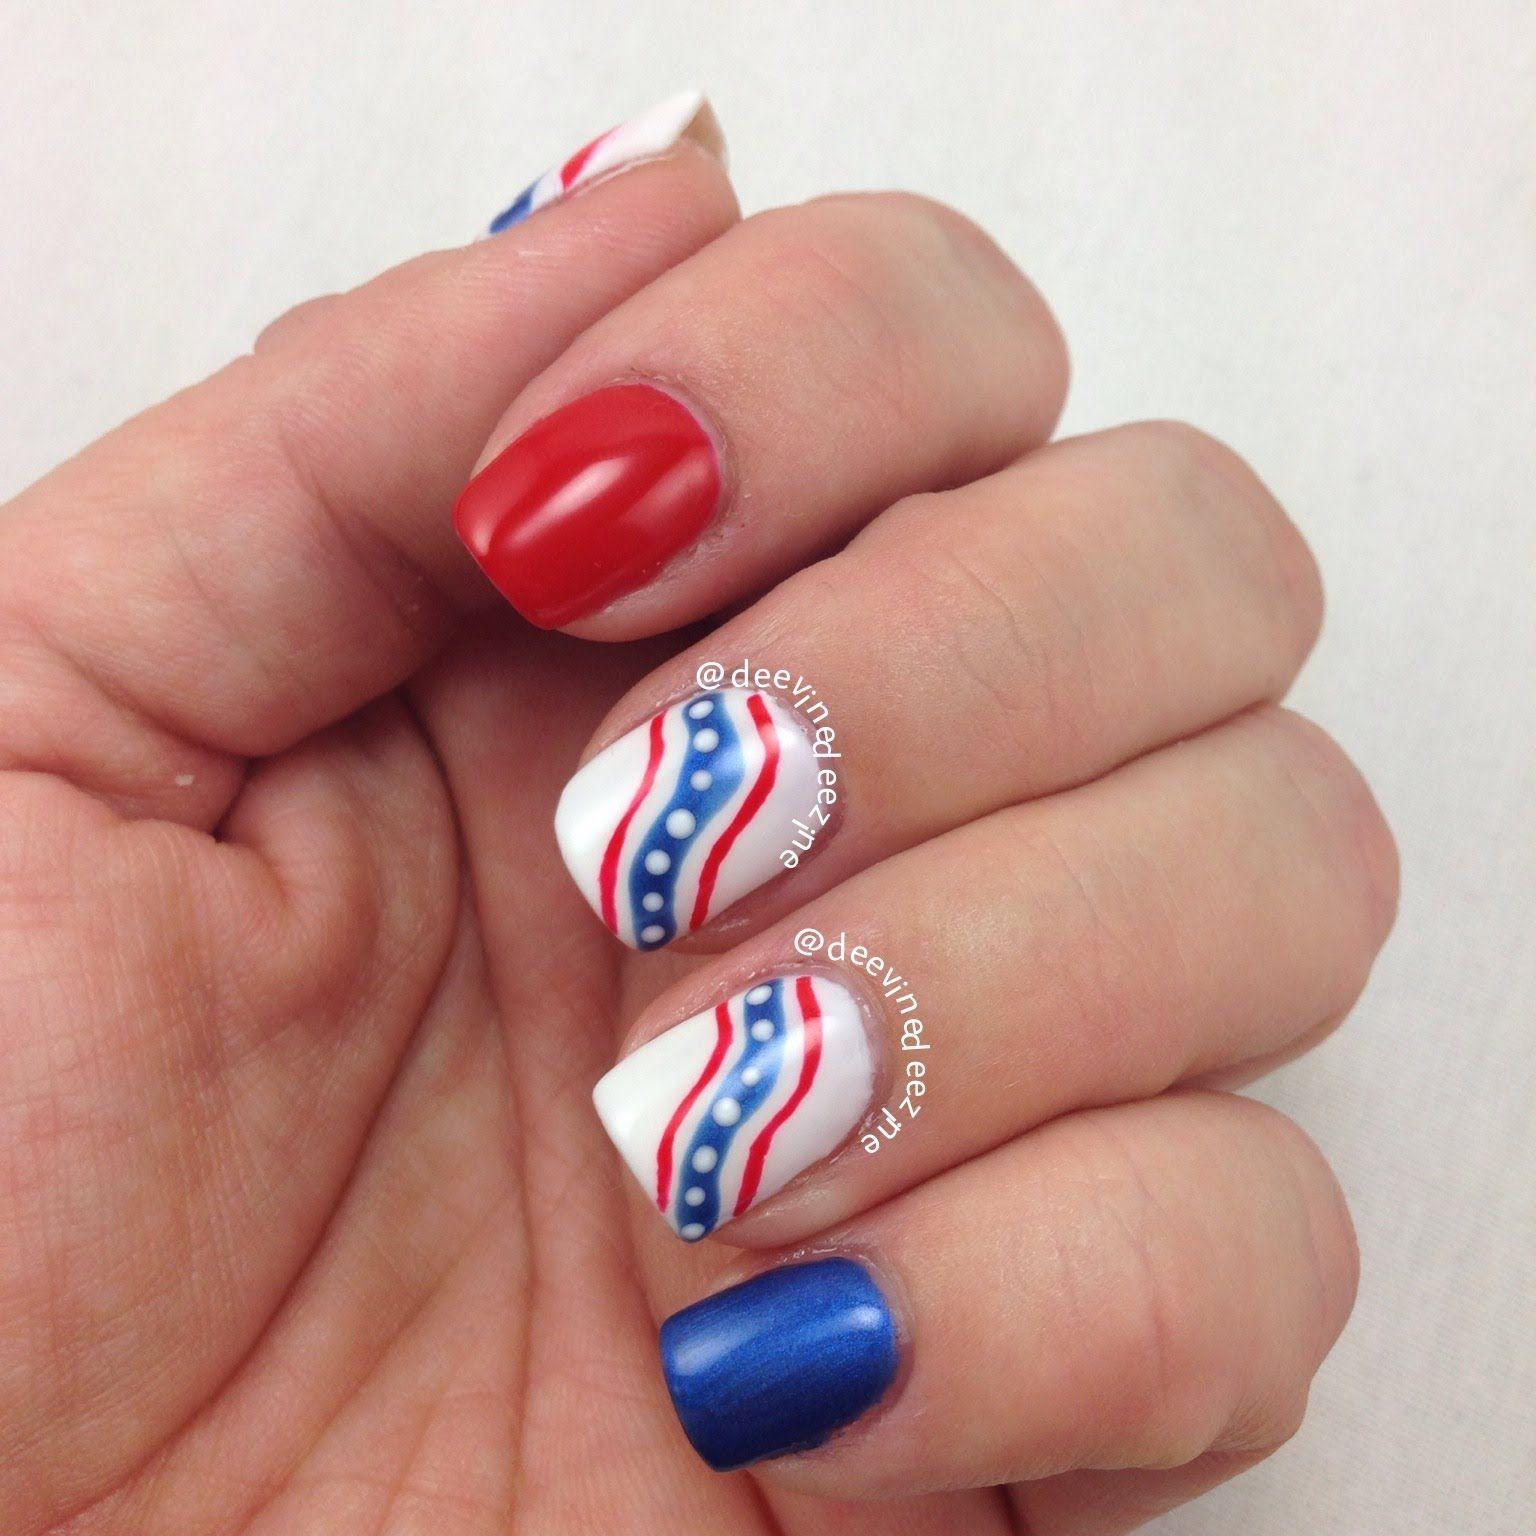 Christmas Nails Tutorial Youtube: Fourth Of July Ribbon Nail Art, 4th Of July, July 4th Nail